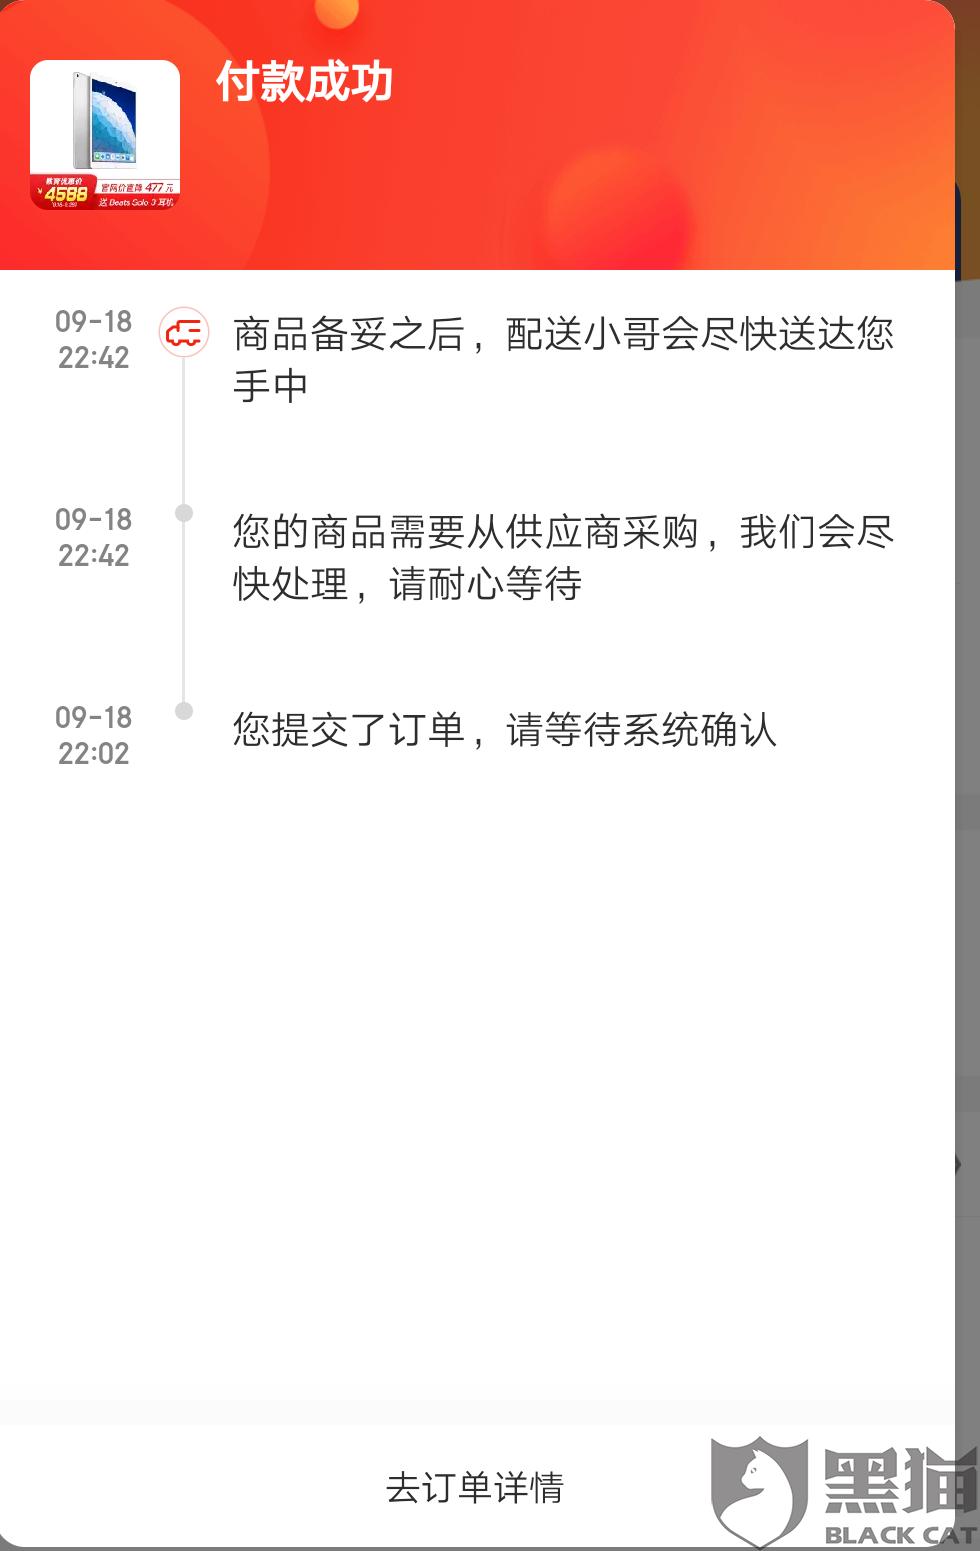 黑猫投诉:从apple产品京东自营旗舰店购买的ipad一直不发货,客服不作为,宛如机器人